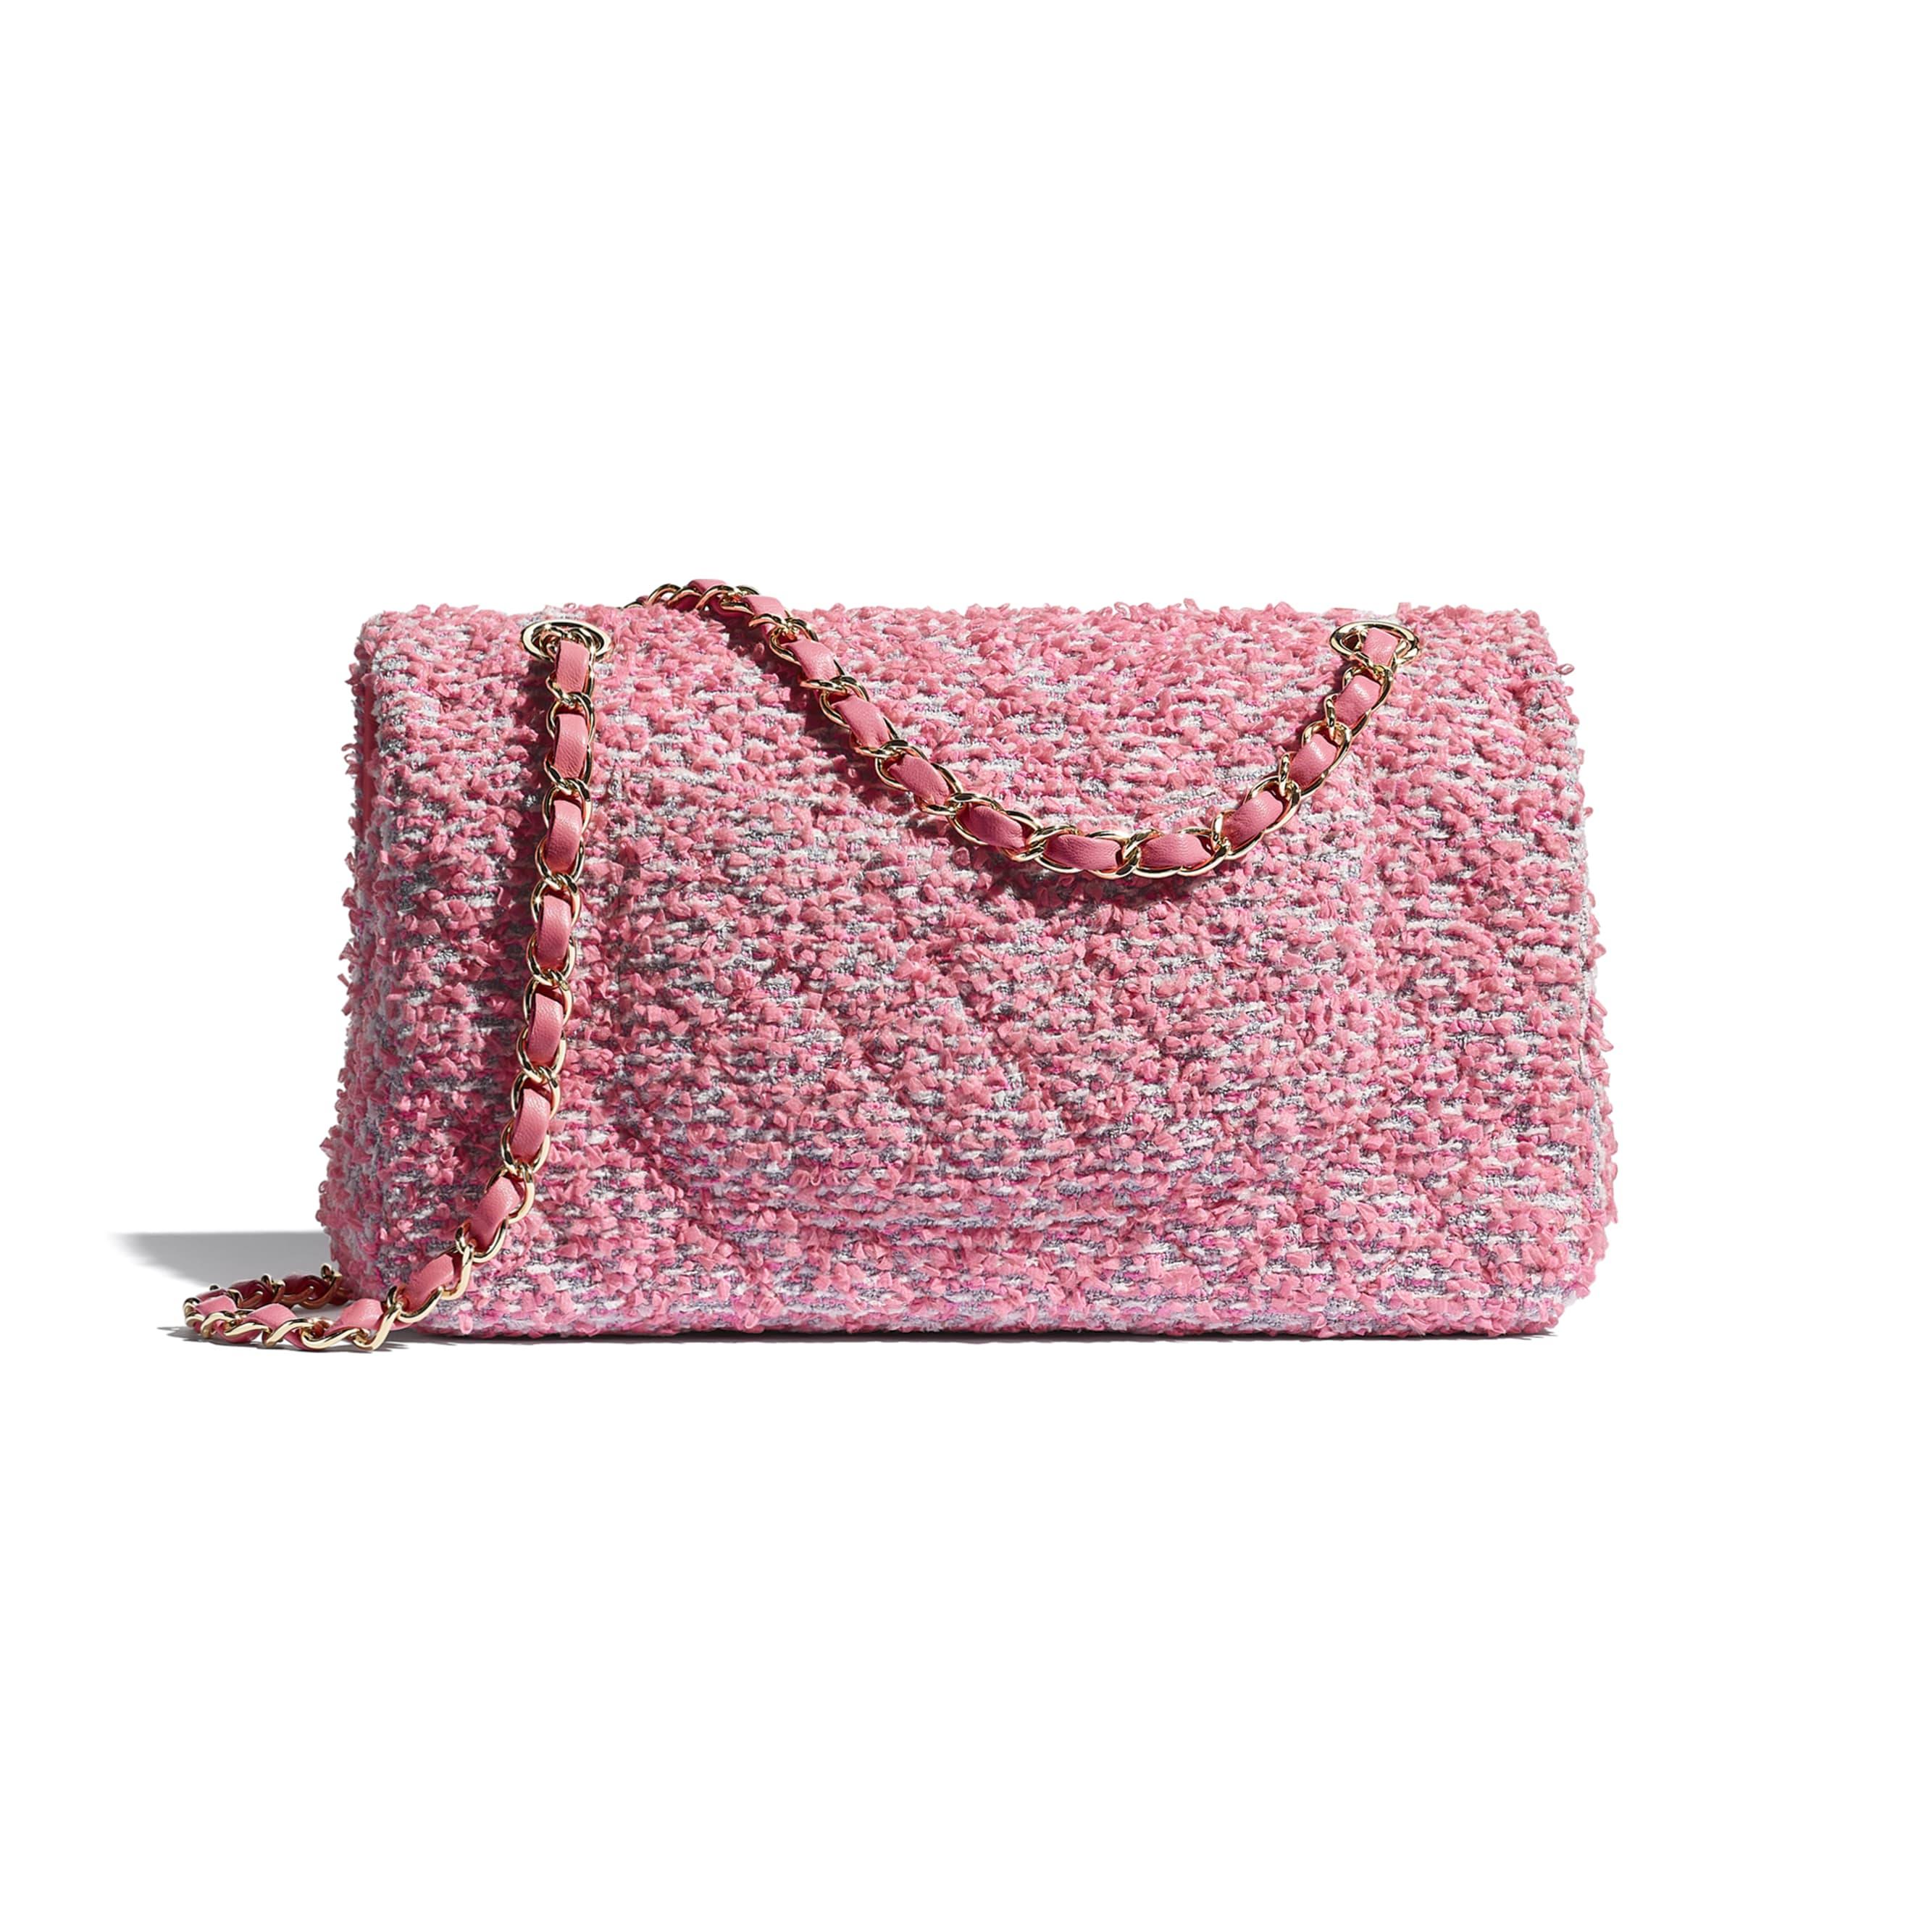 กระเป๋าสะพายคลาสสิก - สีชมพู สีขาว และสีเทา - ผ้าทวีตและโลหะสีทอง - CHANEL - มุมมองทางอื่น - ดูเวอร์ชันขนาดมาตรฐาน